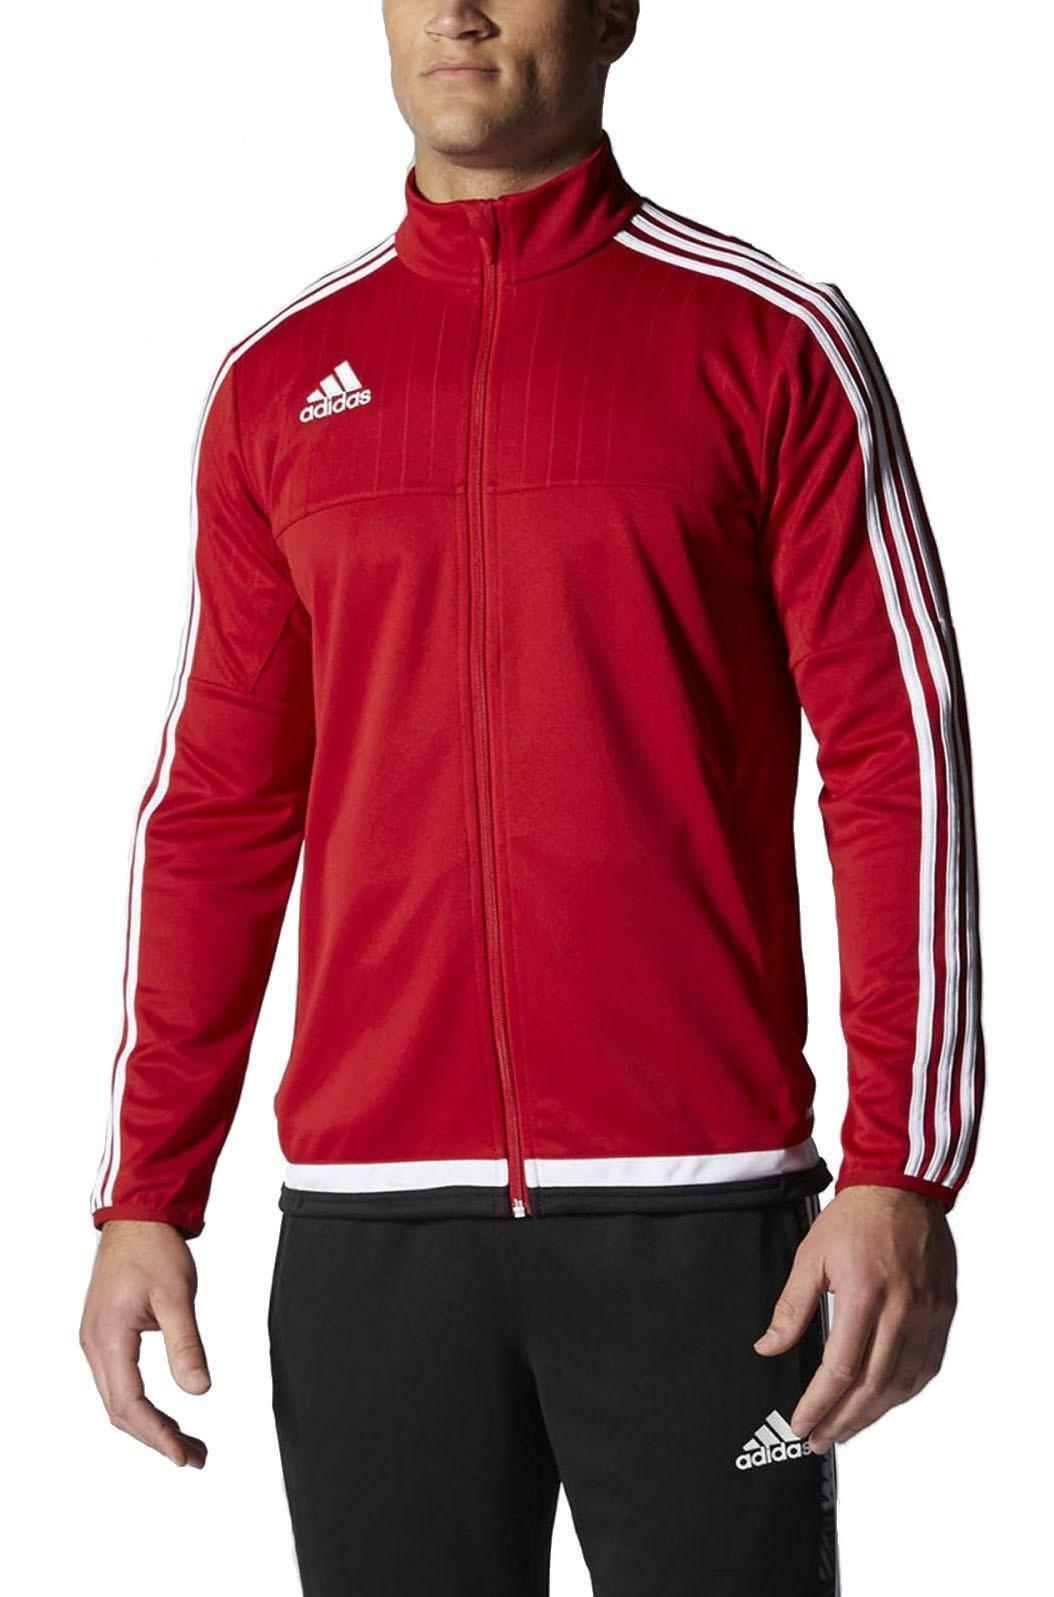 adidas tiro15 trg giacchetto zip uomo rosso m64060